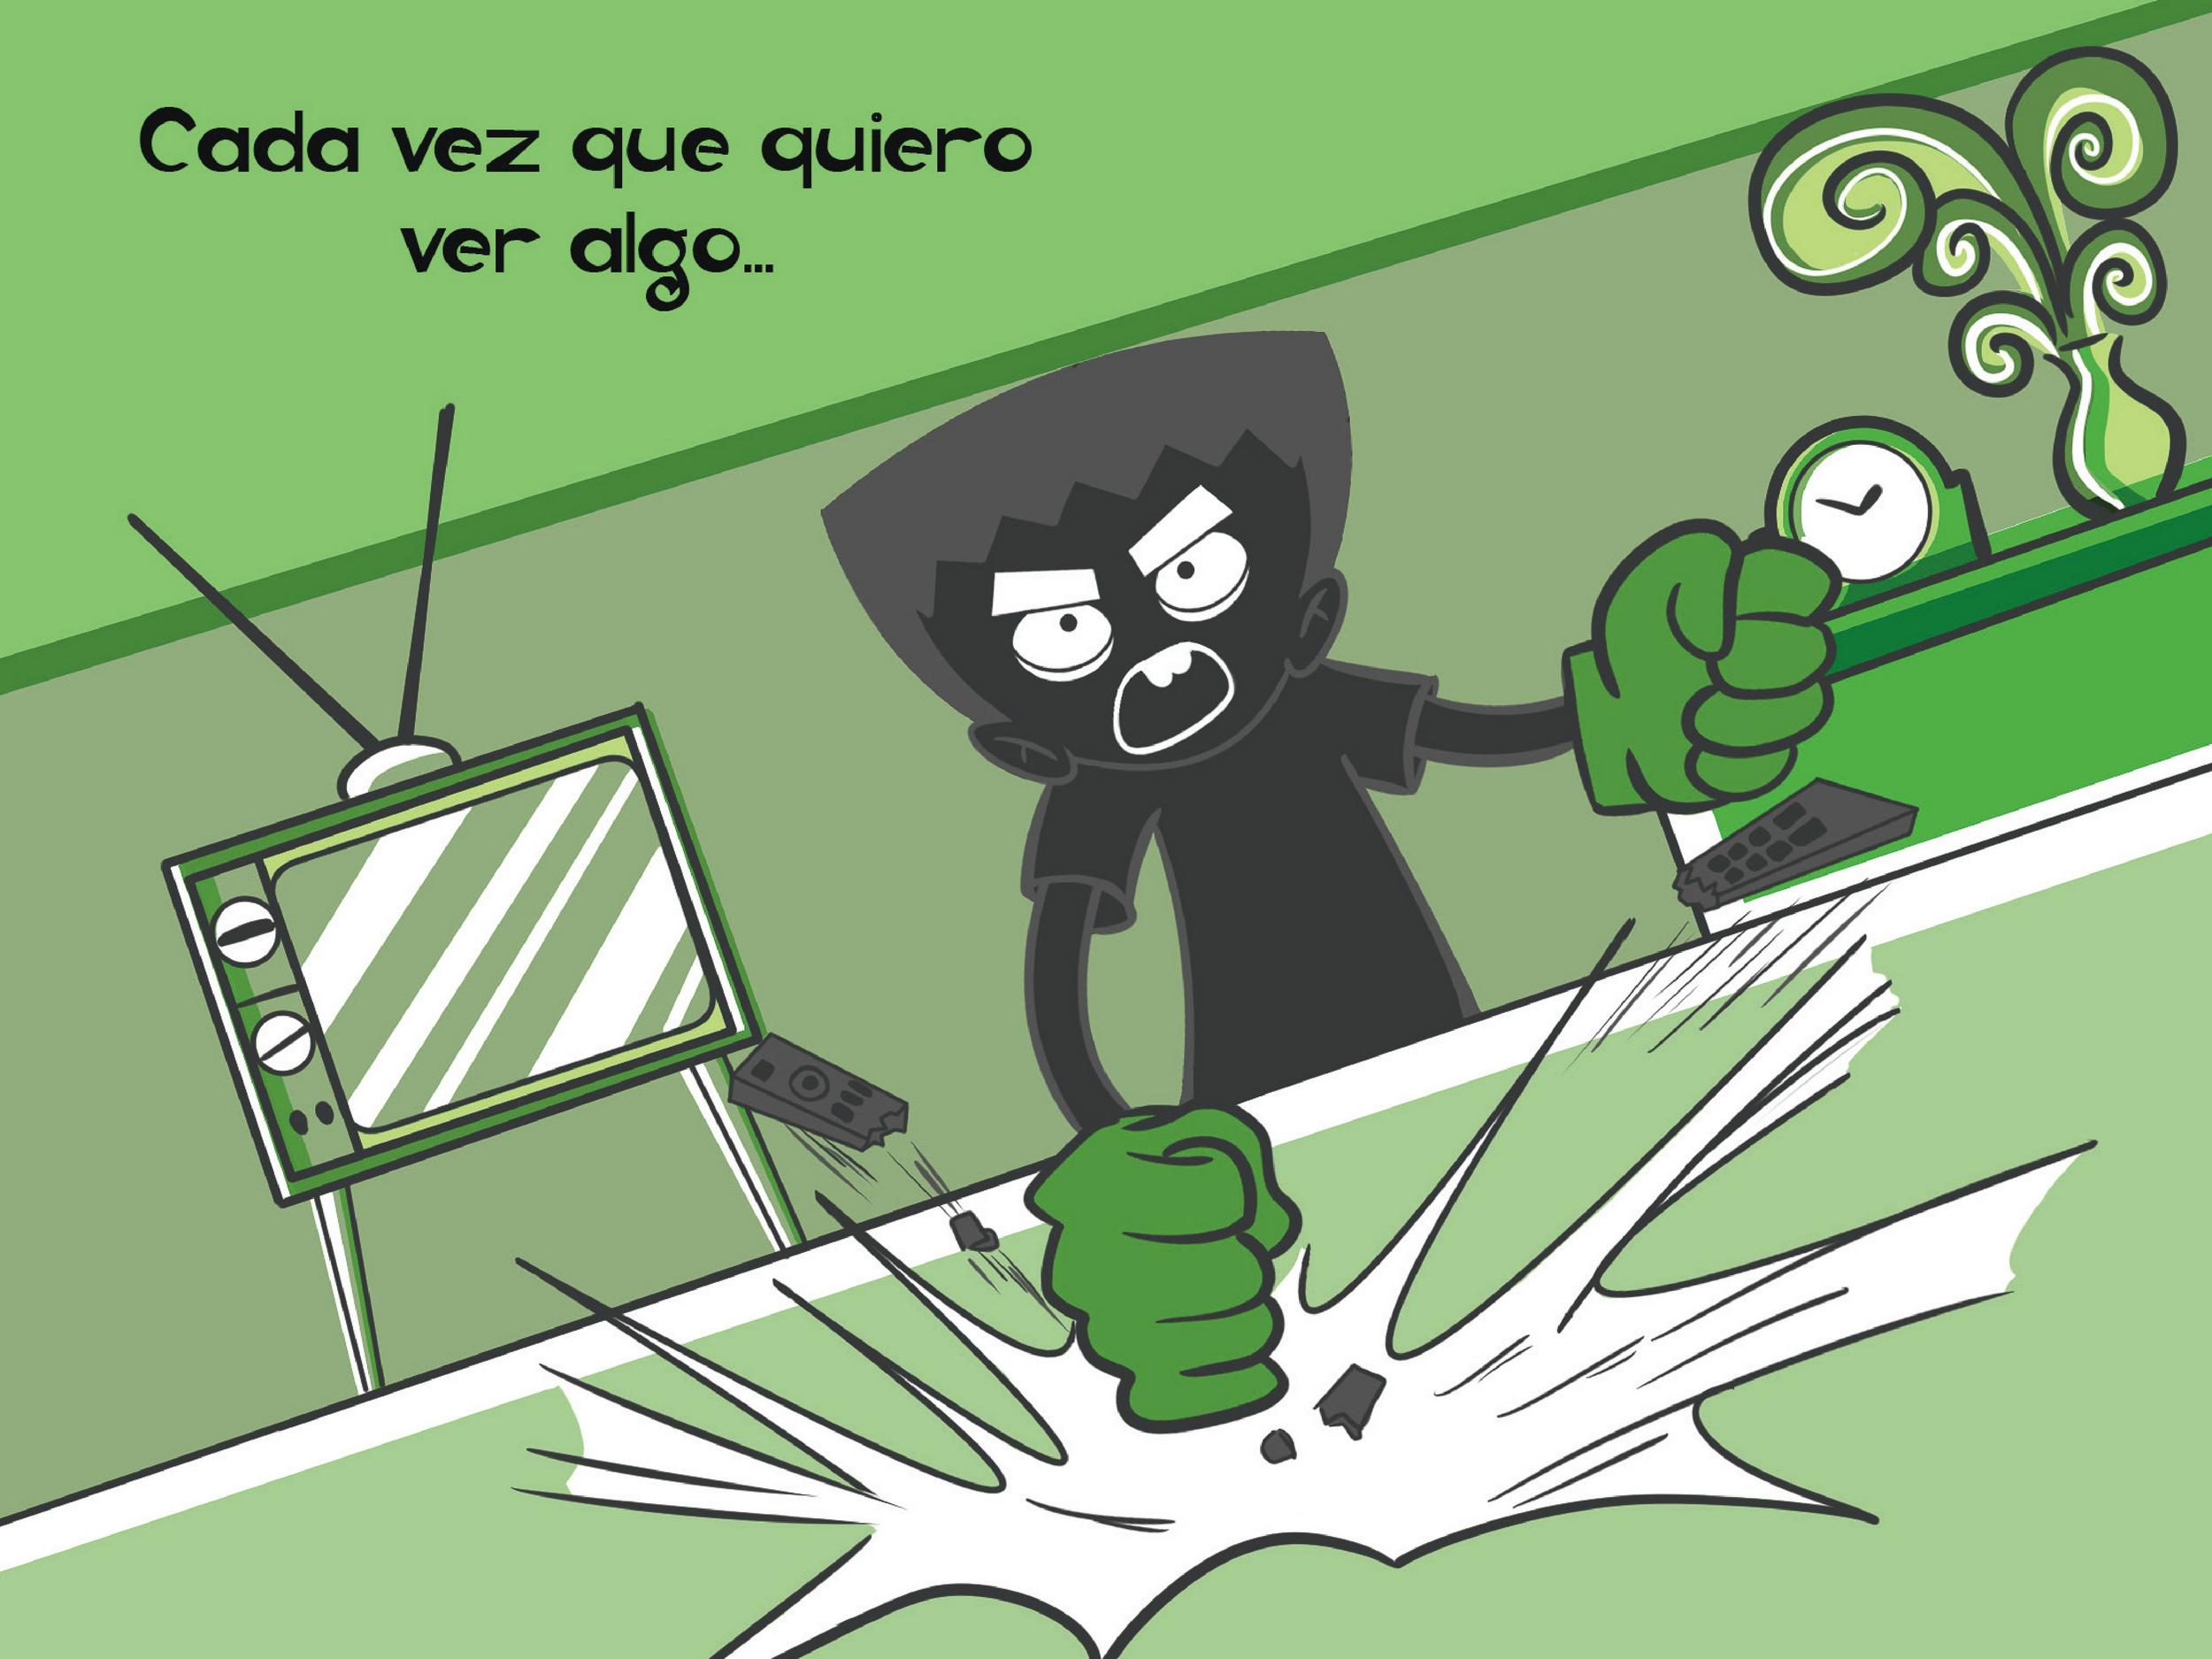 El_niño_puños_Hulk_Javi_Fernandez_Mañas_El niño con los puños de Hulk_page-0009_2500_0009